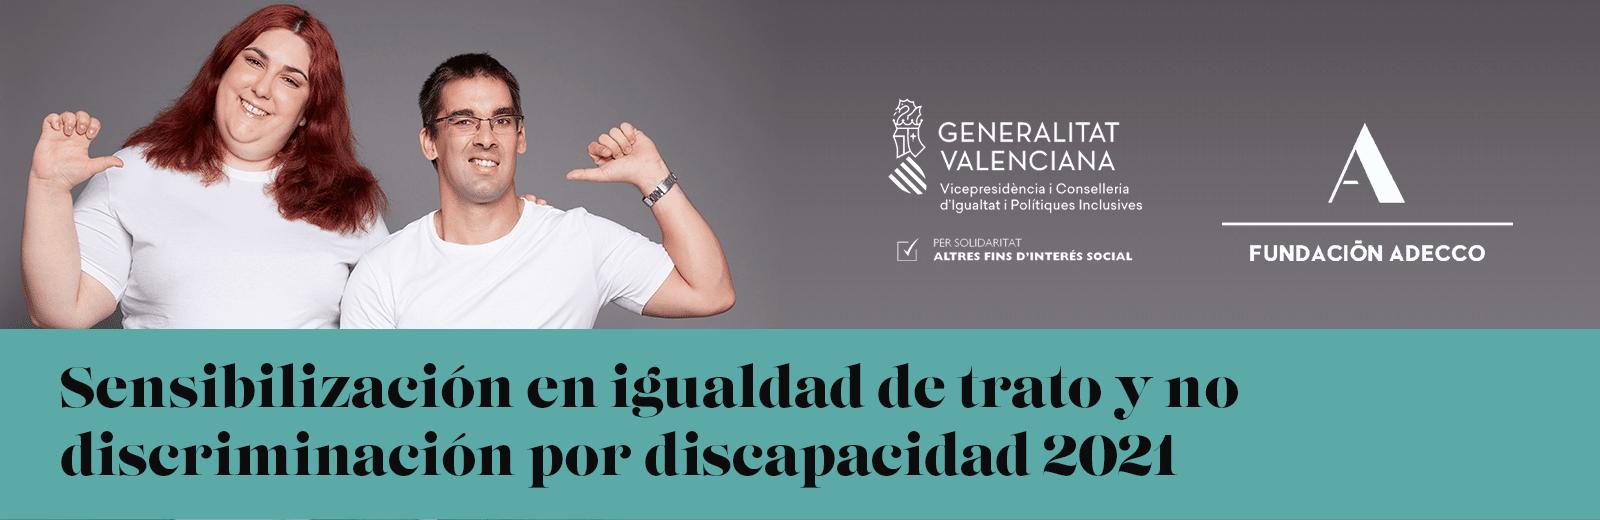 Sensibilización en igualdad de trato y no discriminación por discapacidad 2021